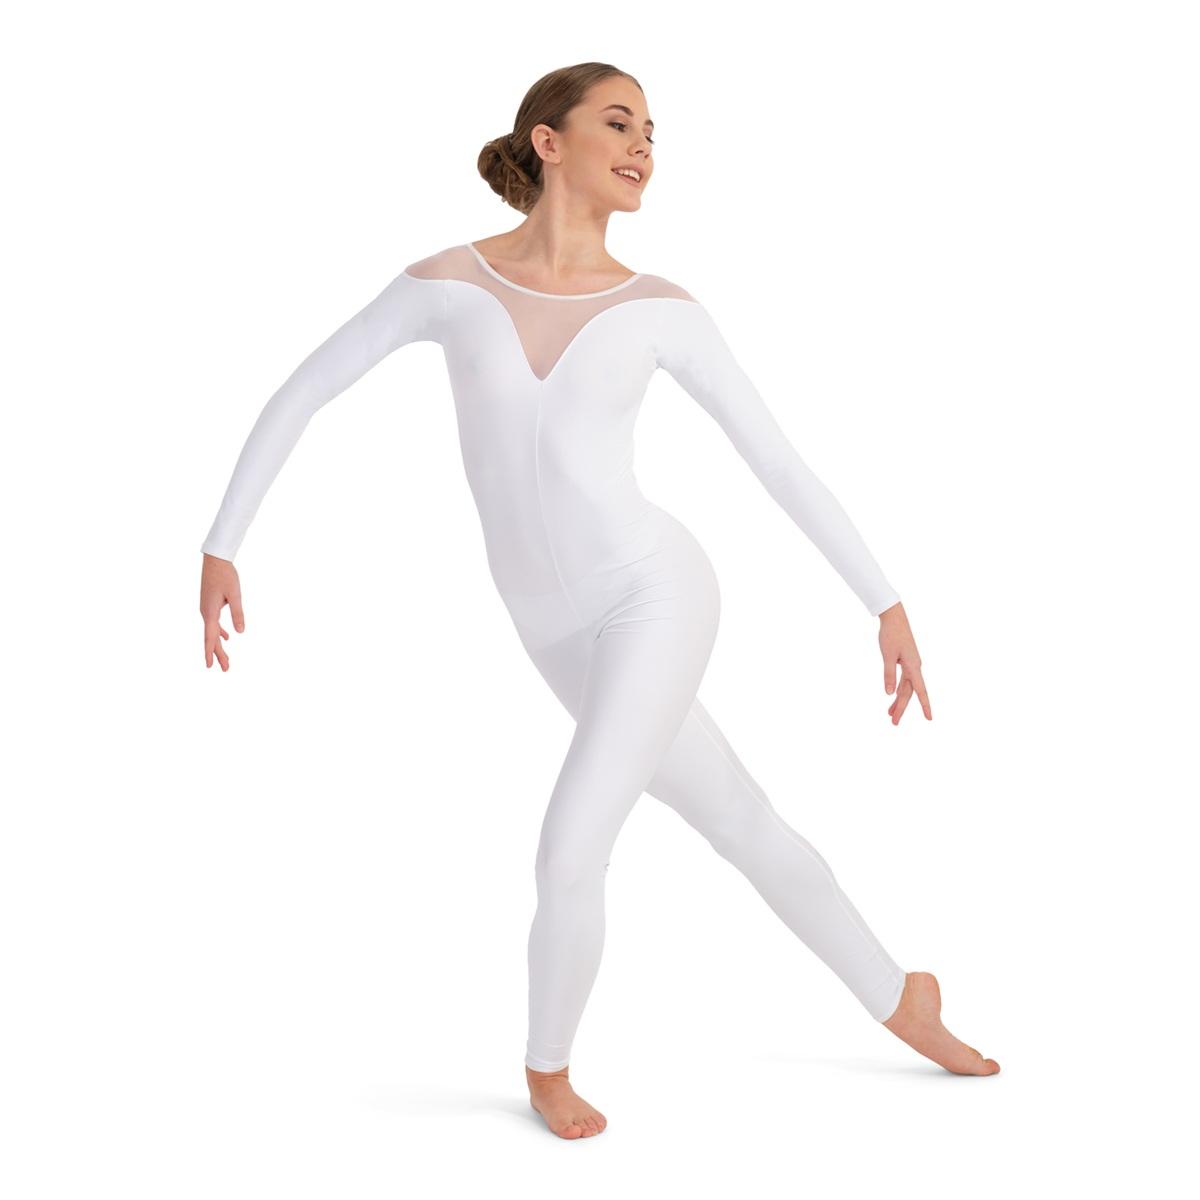 Ophelia ballet body